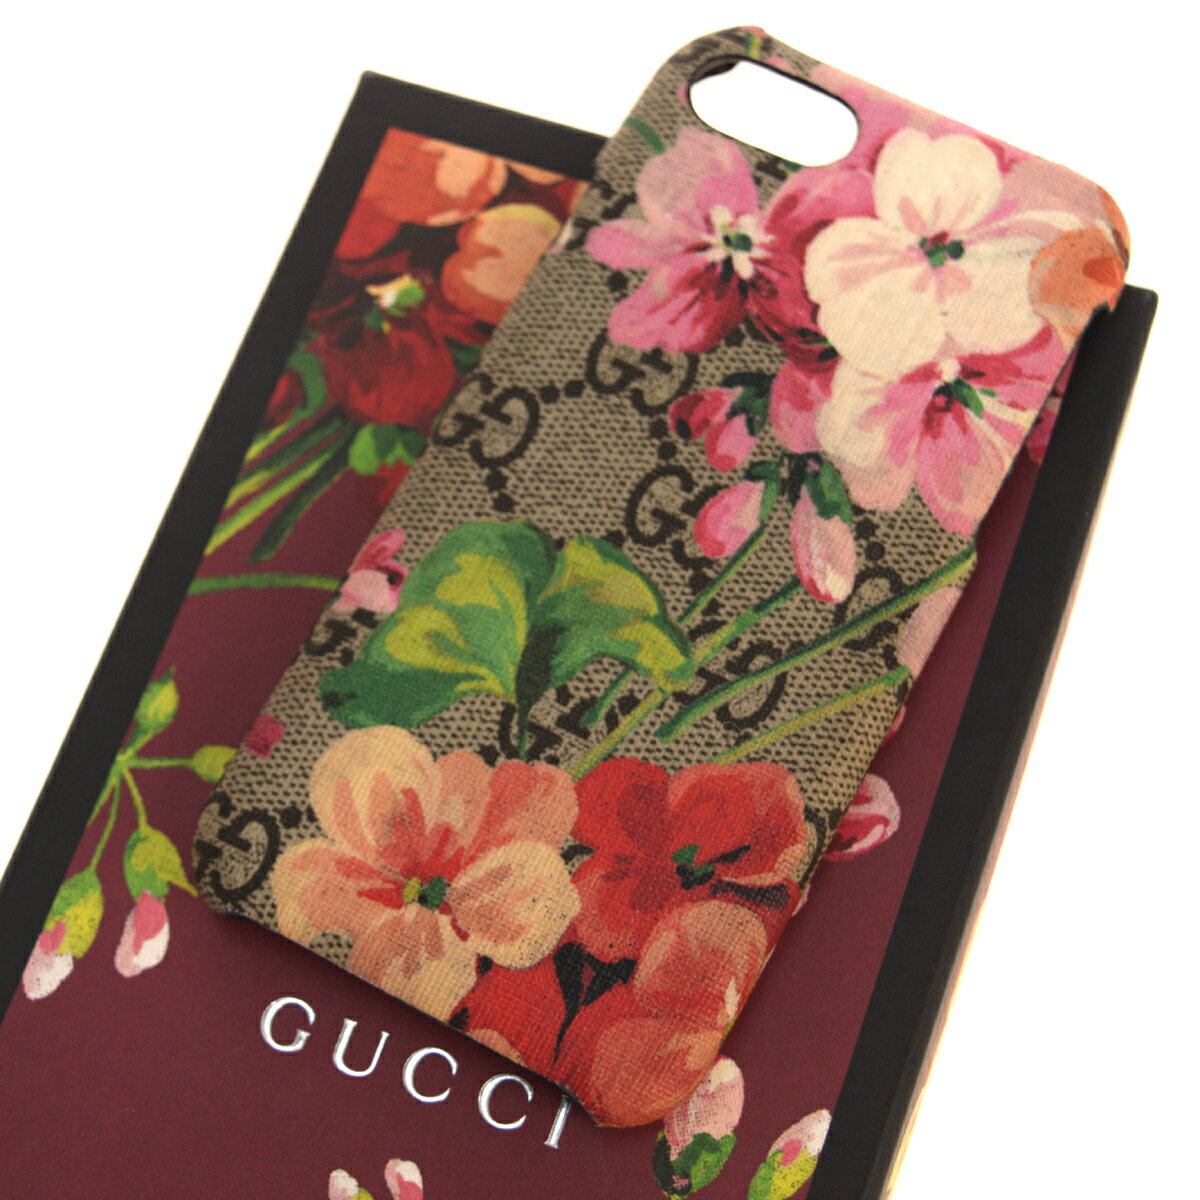 スマートフォン・携帯電話アクセサリー, ケース・カバー  (Gucci) GG PVC 03GC208